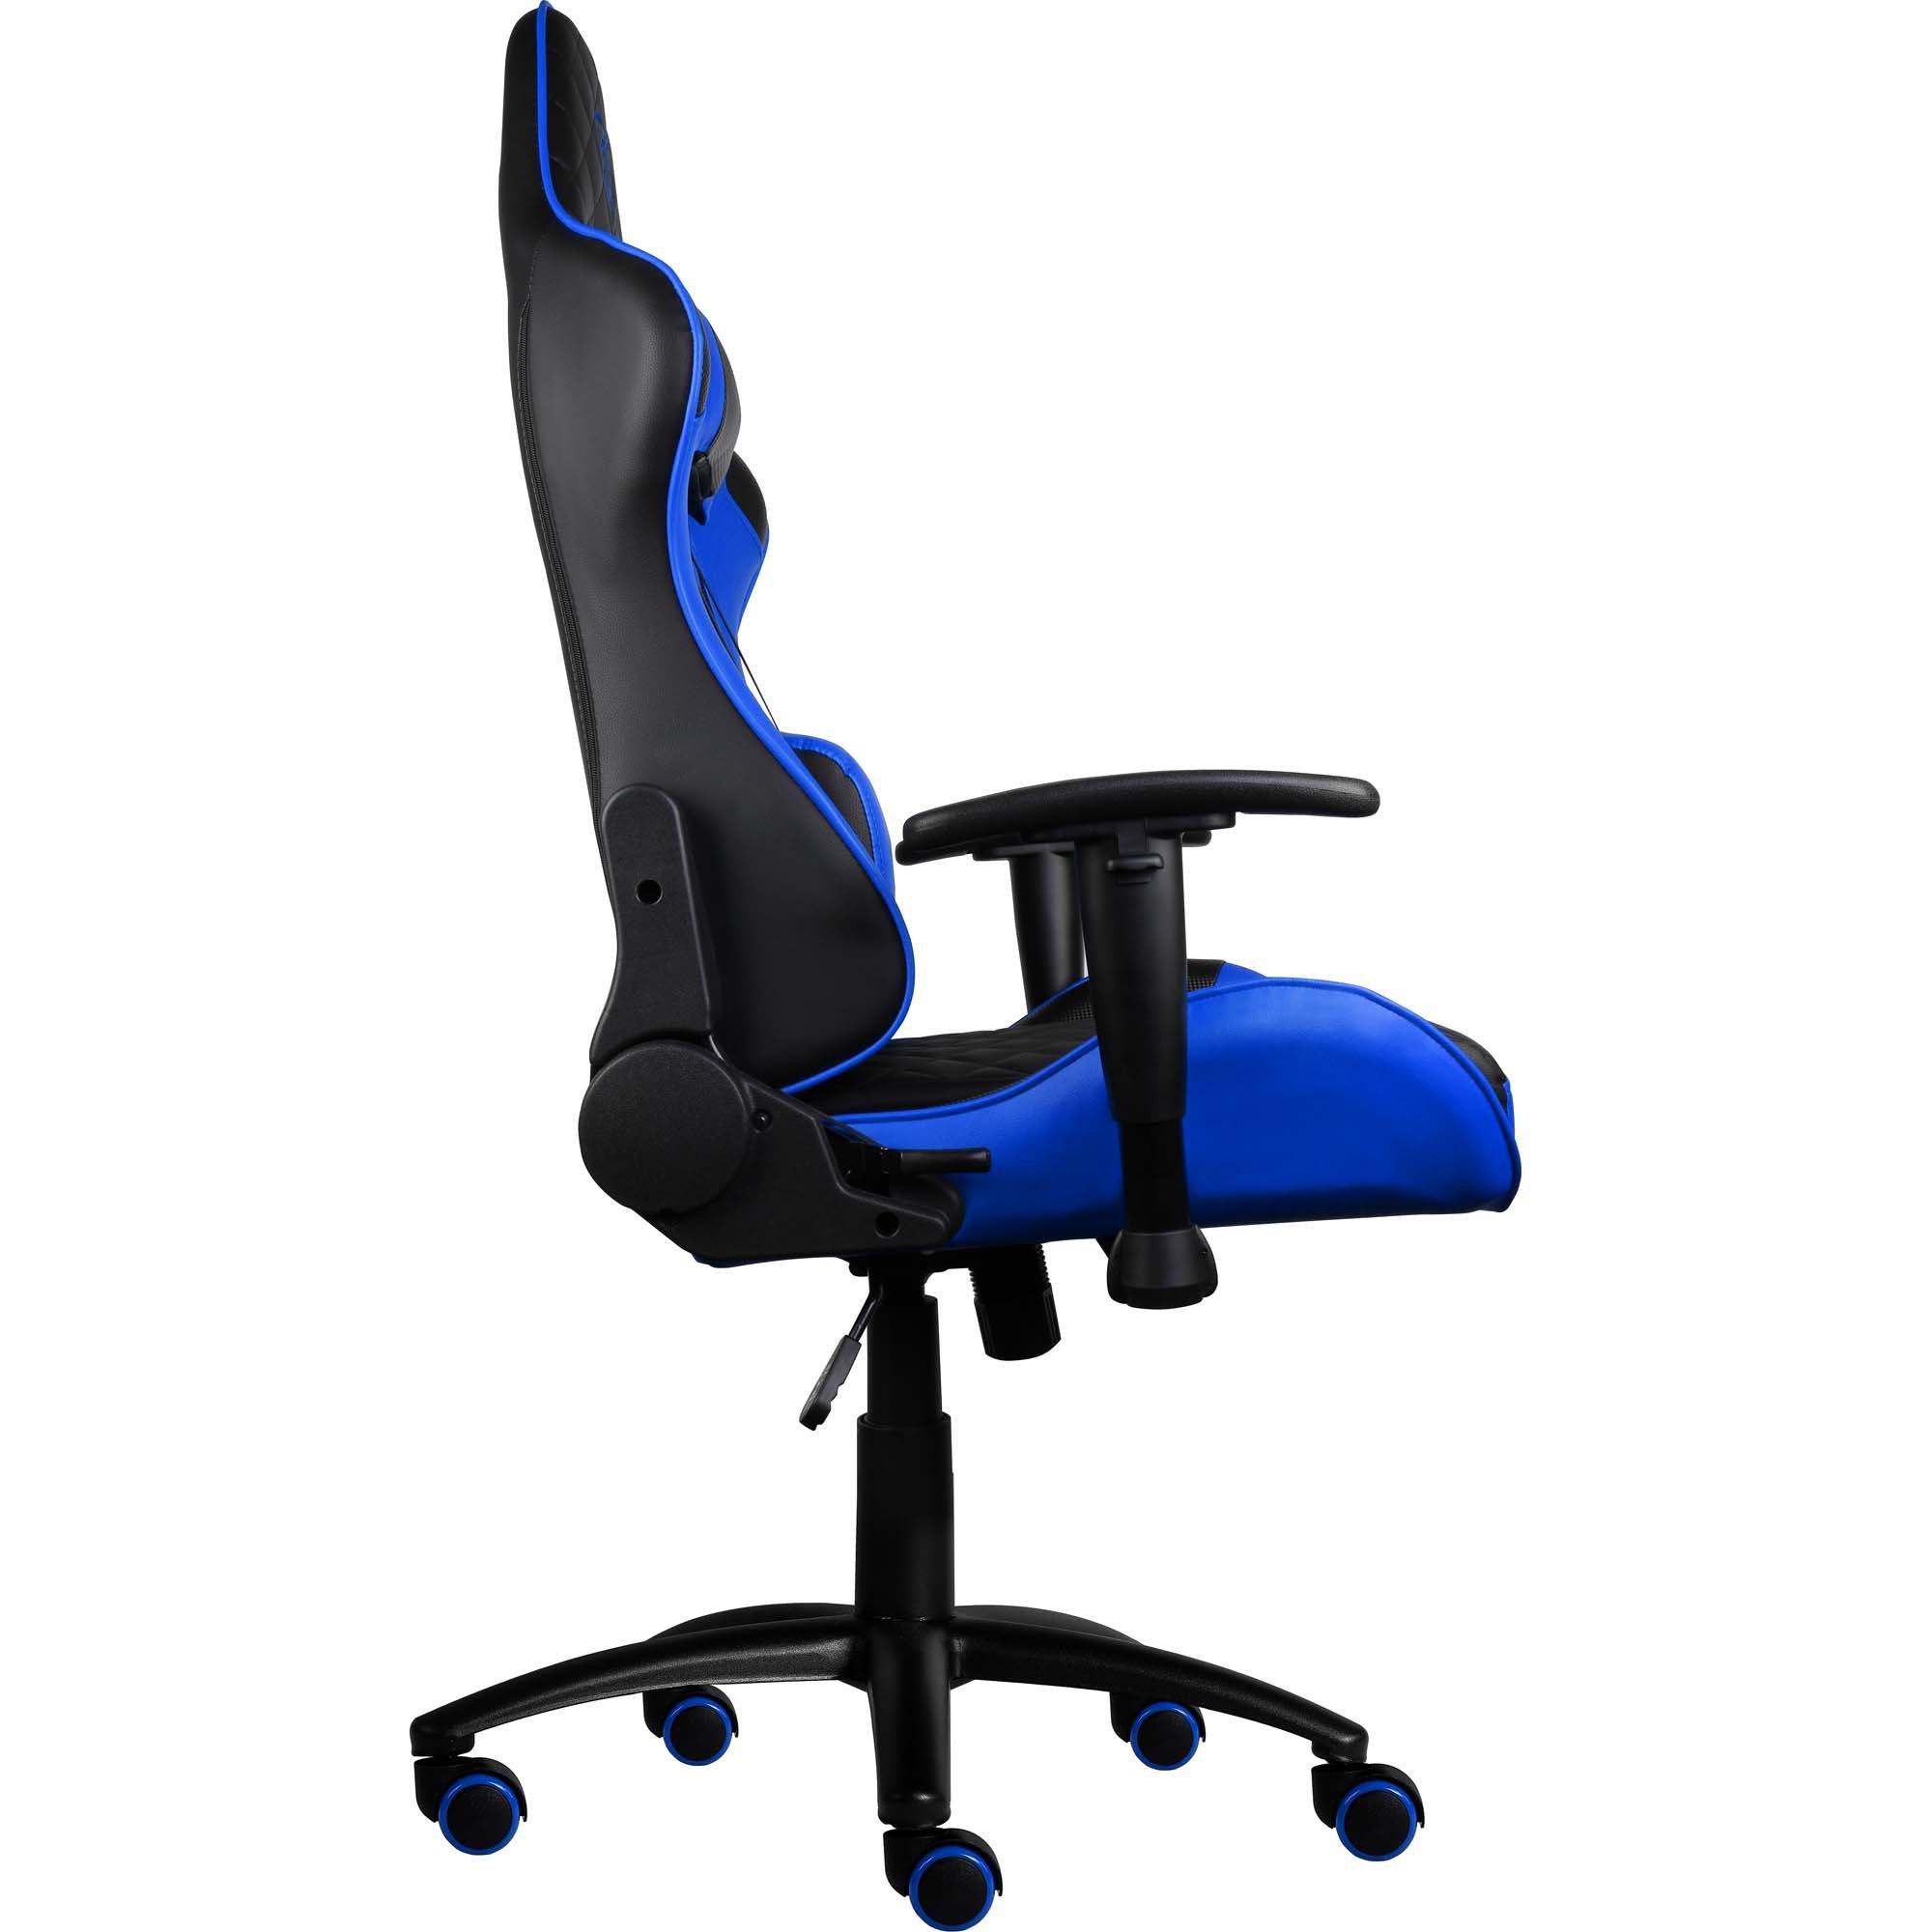 cadeira gamer aproveite enquanto durar o estoque preta azul thunderx3 profissional tgc12 43831 2000 191598 1